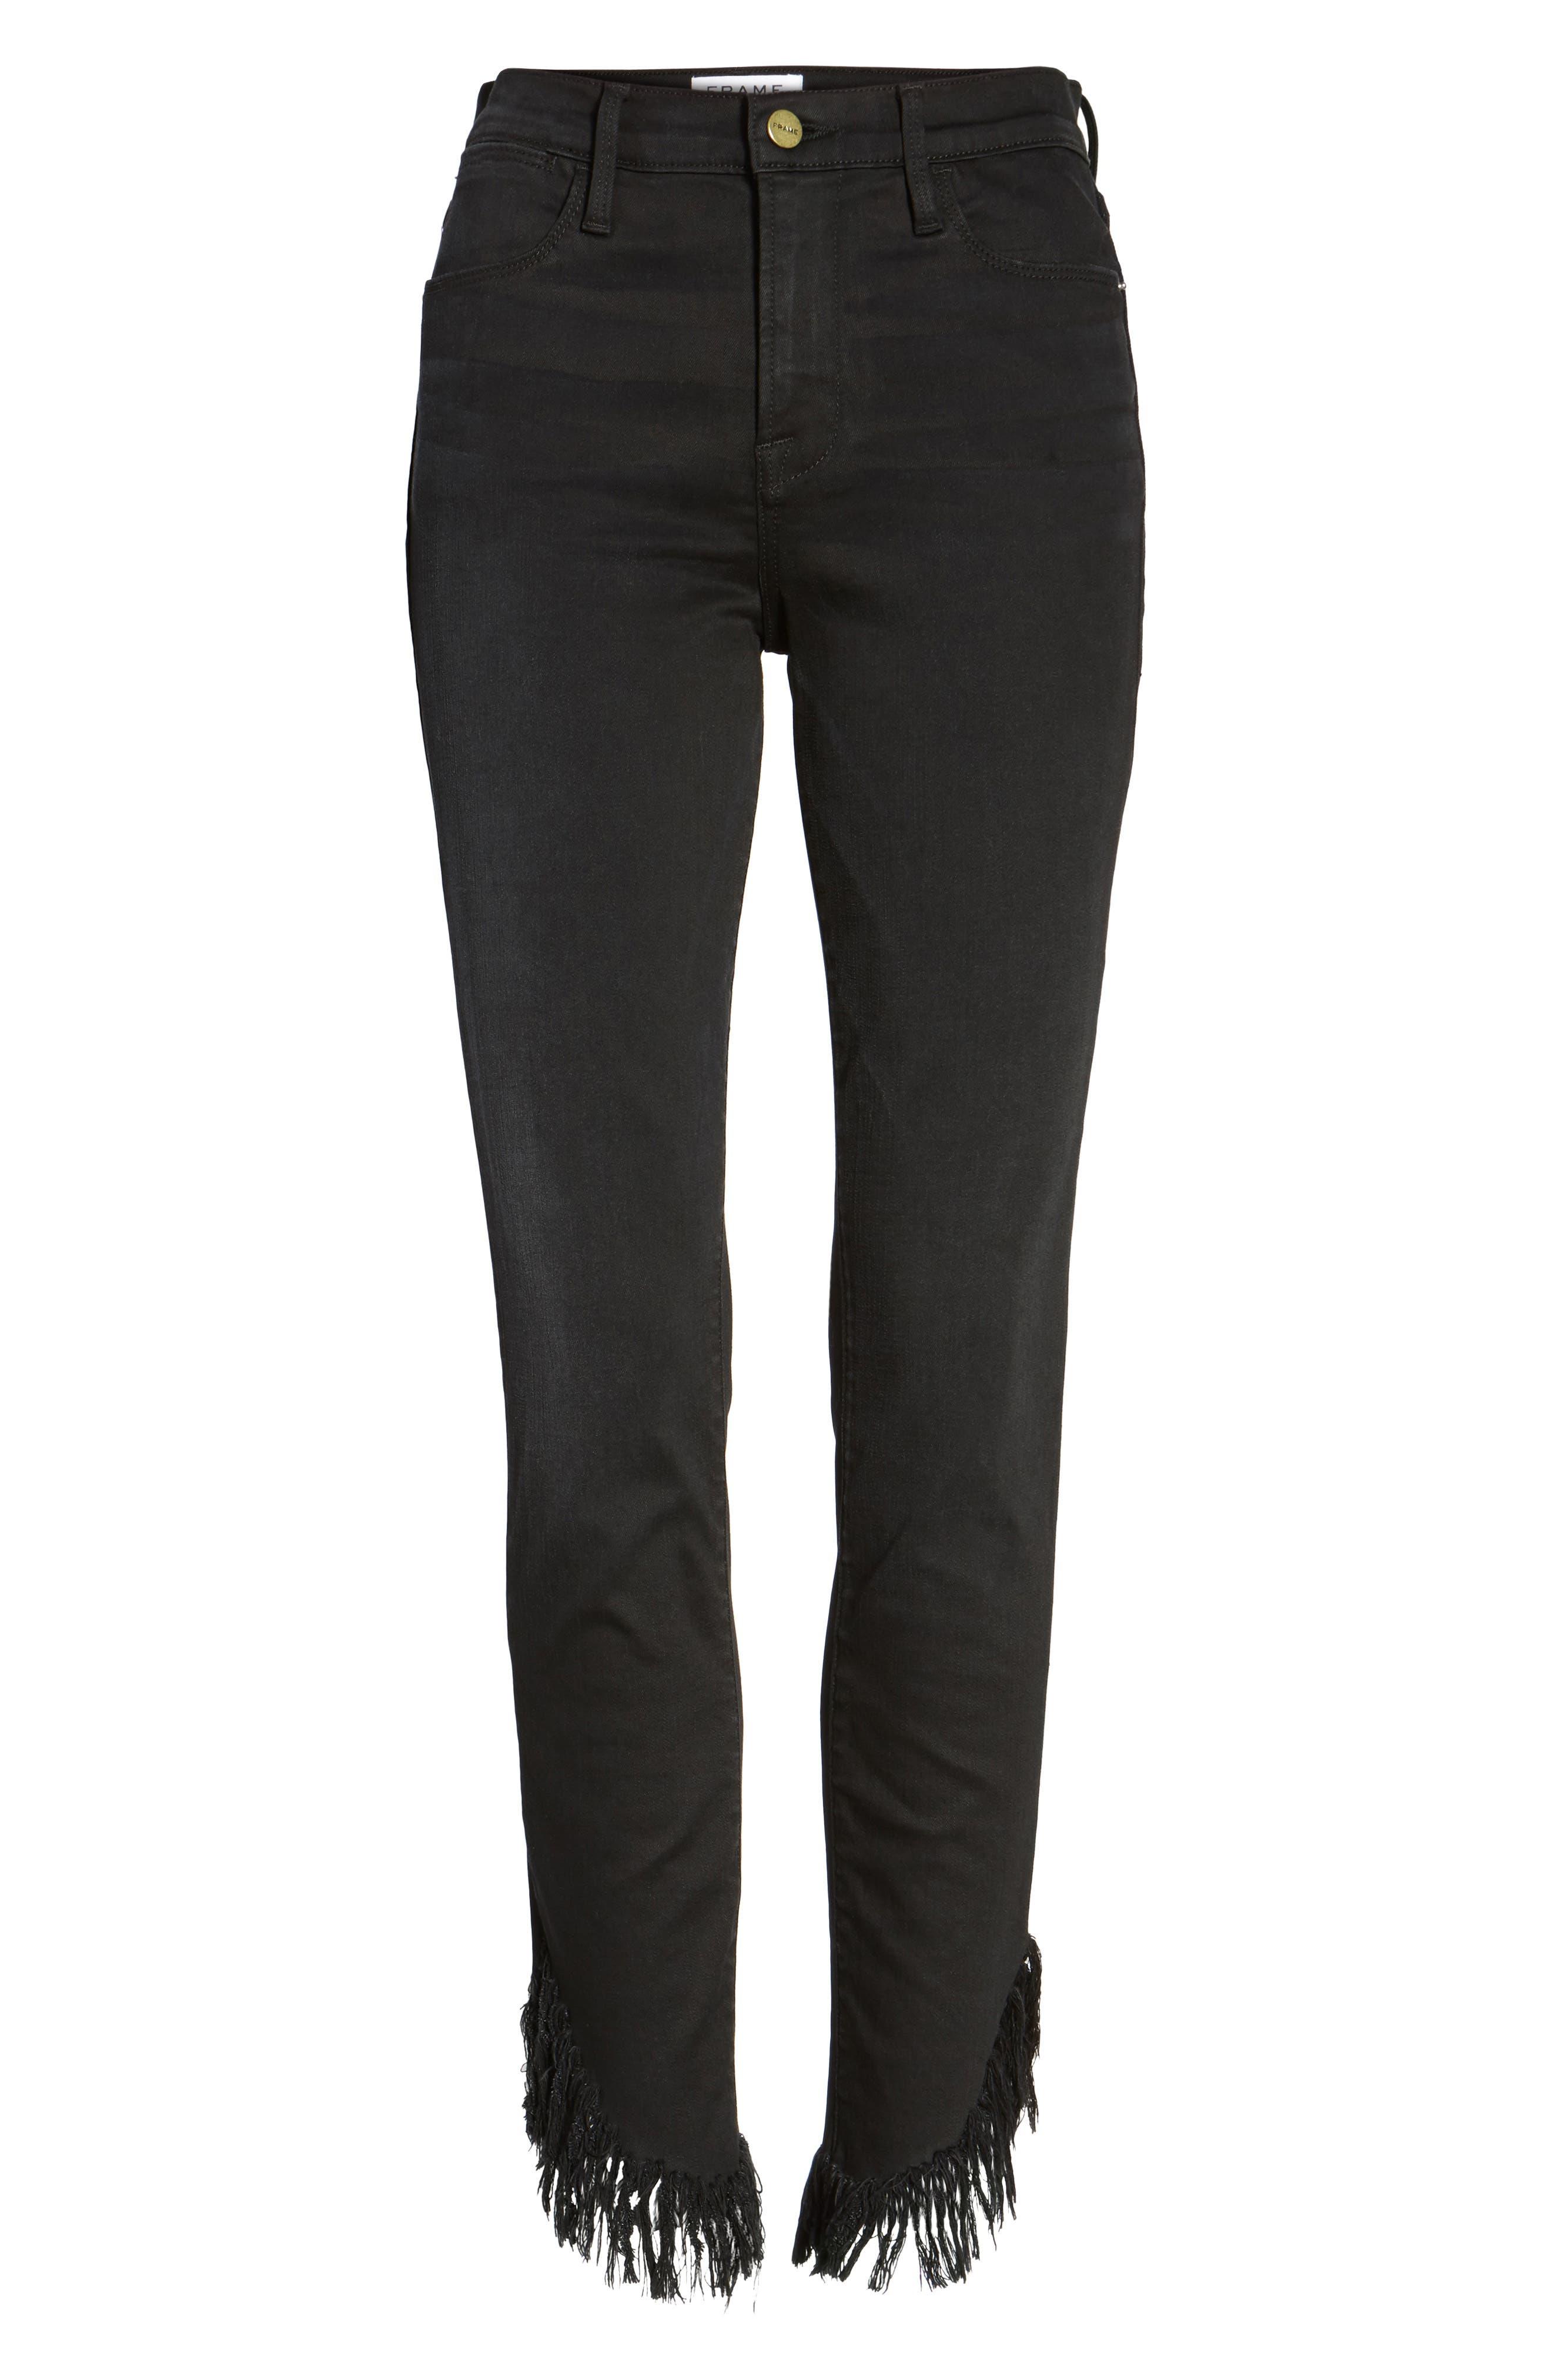 Le High Shredded Skinny Jeans,                             Alternate thumbnail 6, color,                             001